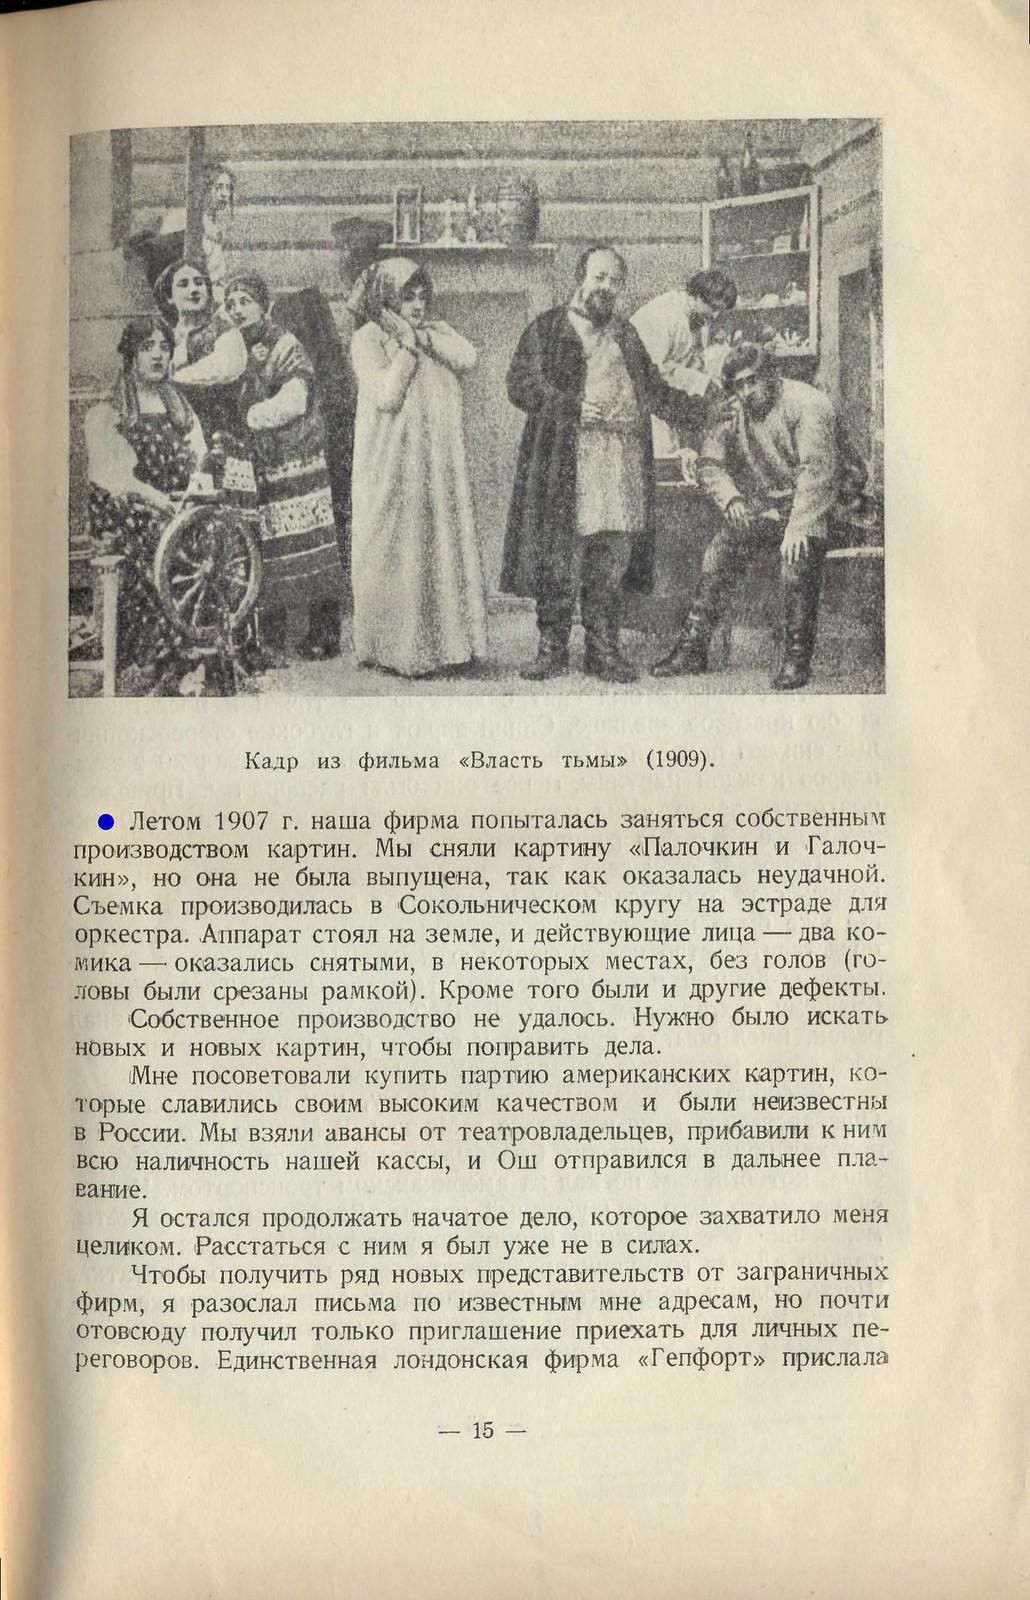 Khanzhonkov_-_Pervye_gody_russkoy_kinematografii_-_1937_Страница_014